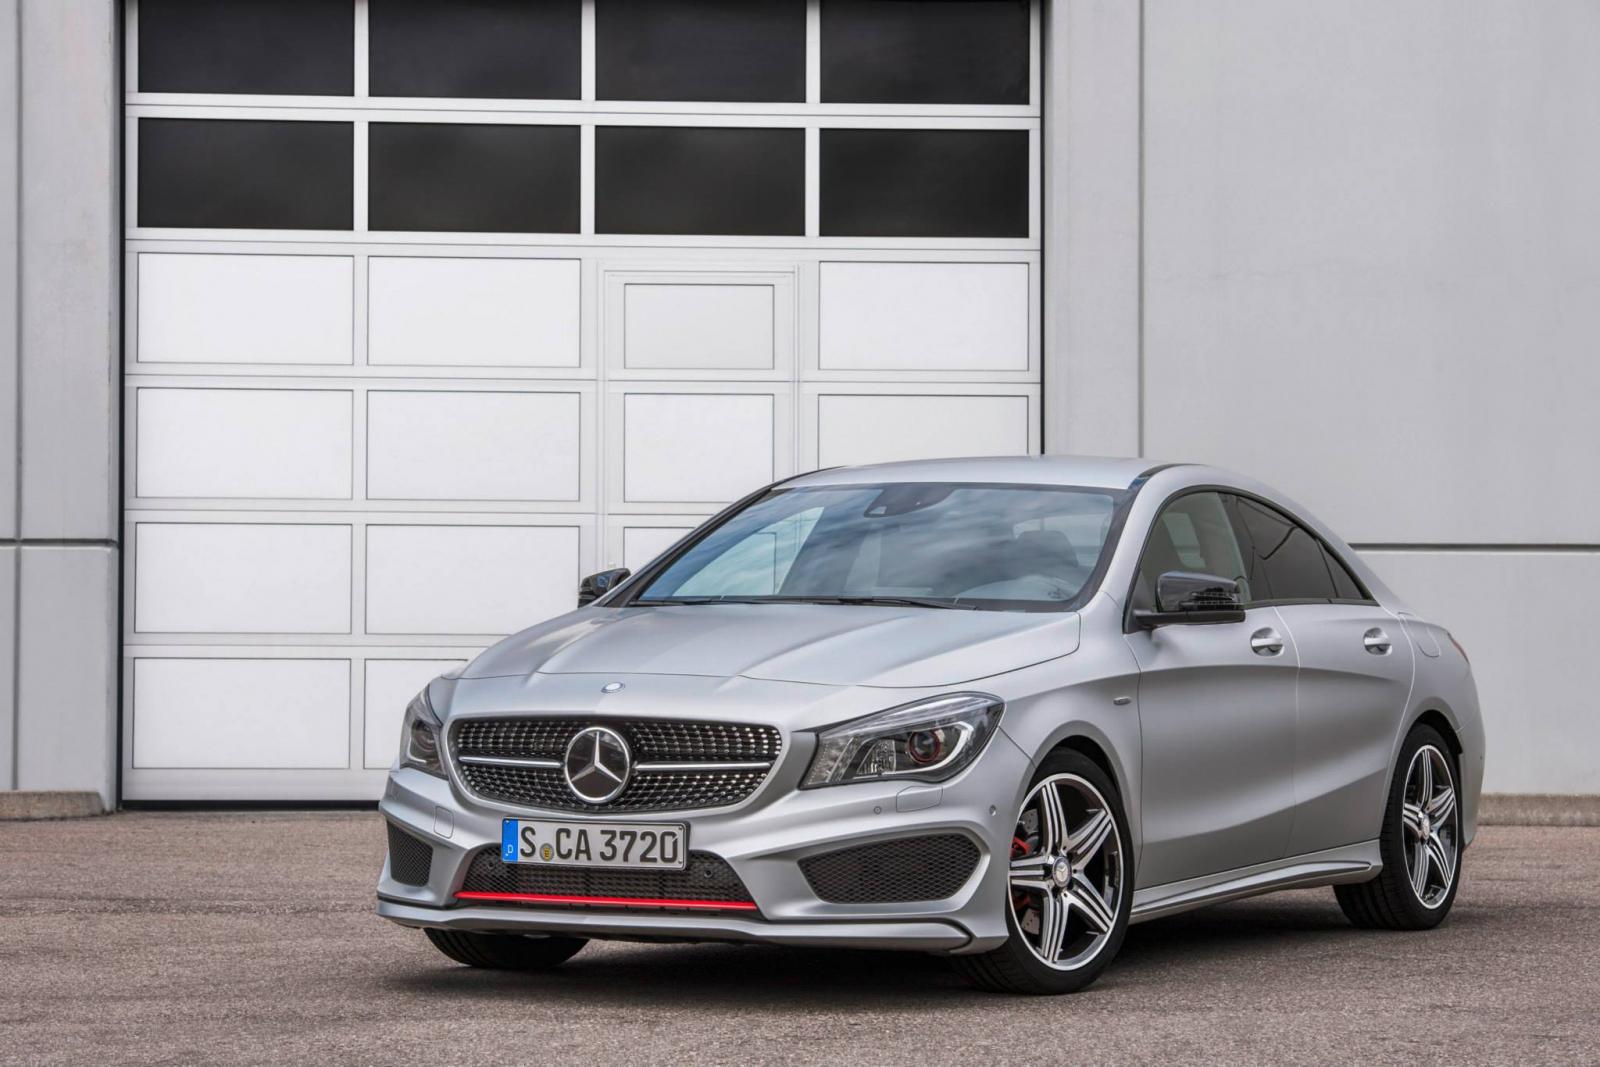 http://images.caradisiac.com/images/9/0/2/2/89022/S0-Toutes-les-nouveautes-du-salon-de-Francfort-2013-Mercedes-CLA-45-AMG-Racing-Series-et-CLA-250-Sports-301618.jpg